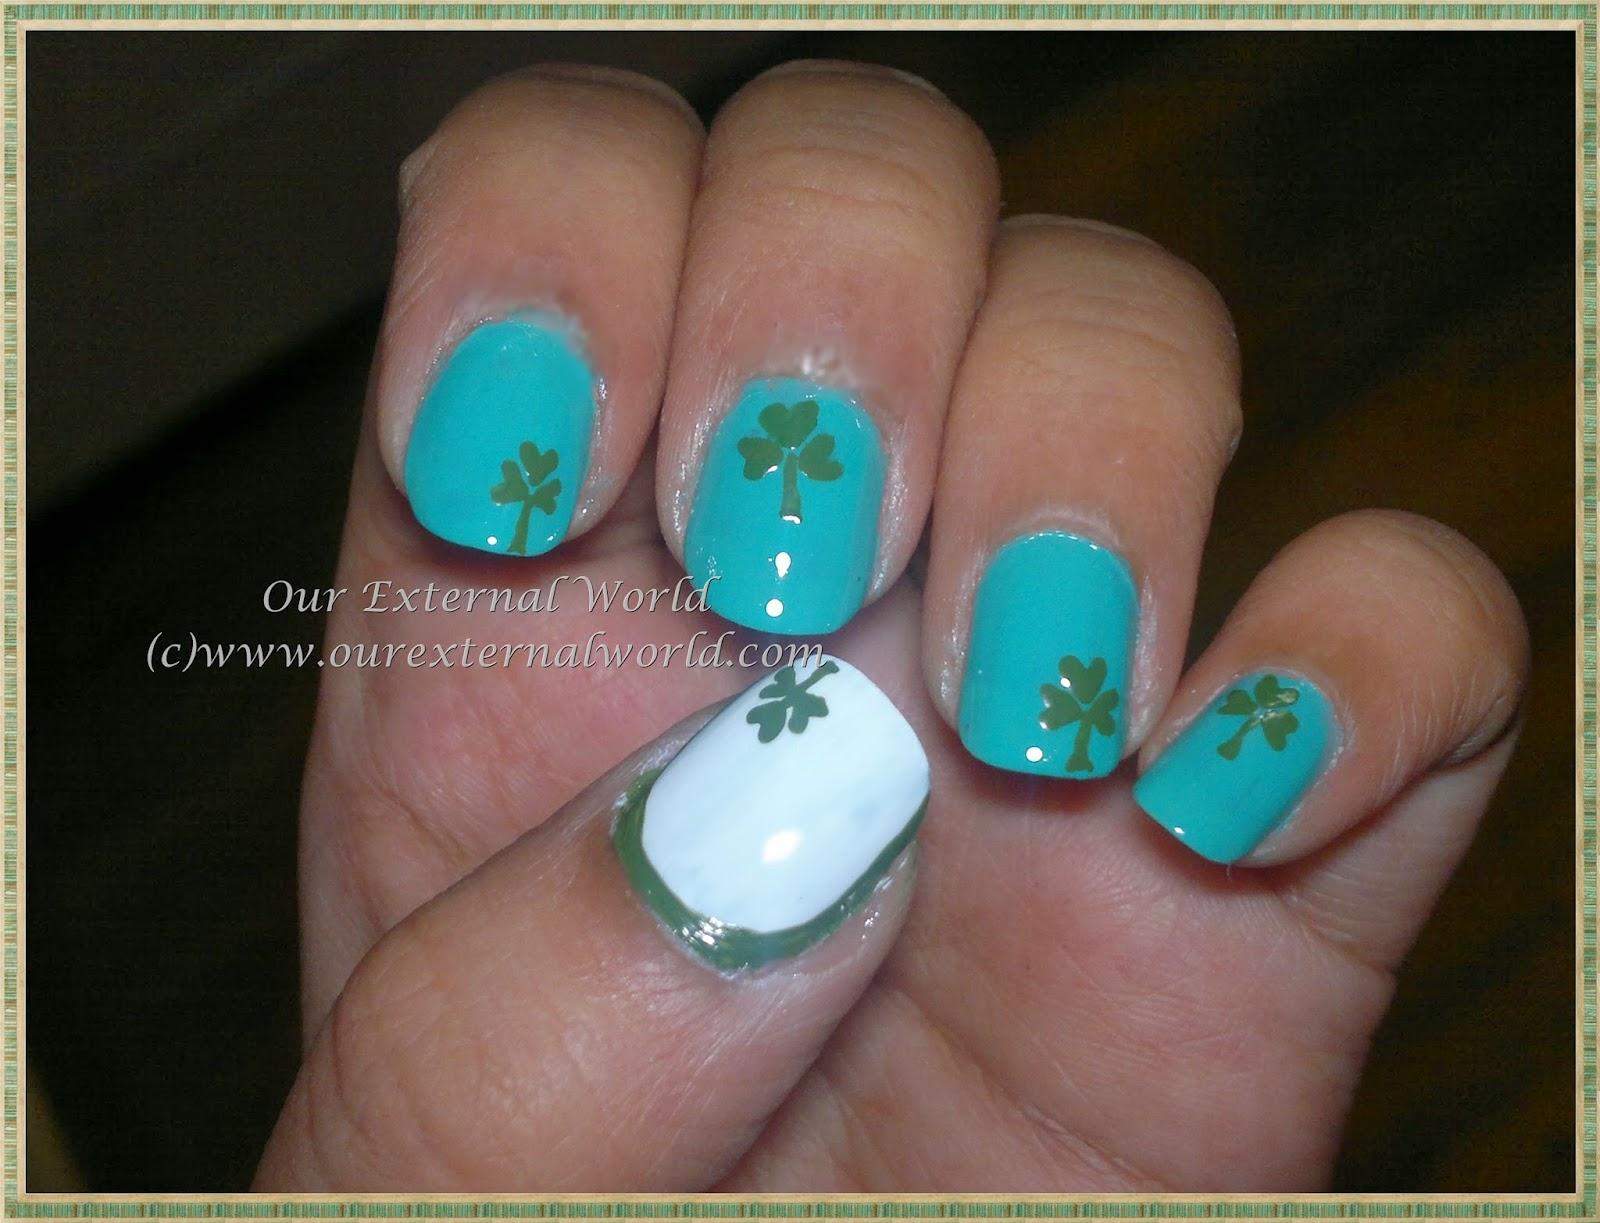 Saint Patrick\'s Day Nail Art - The Holy Trinity Clover